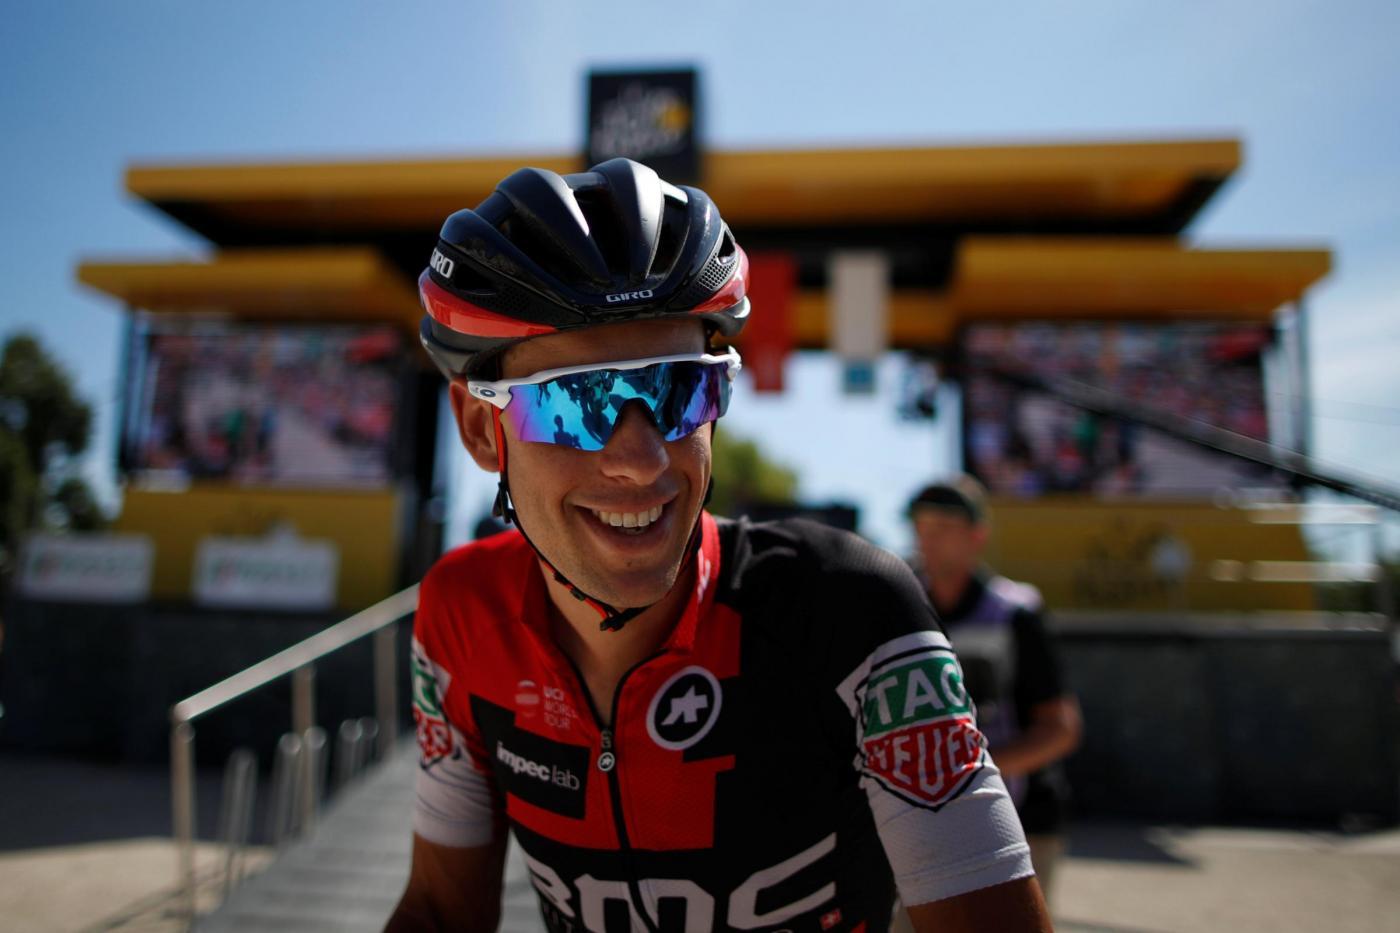 Tremenda caduta al Tour de France: